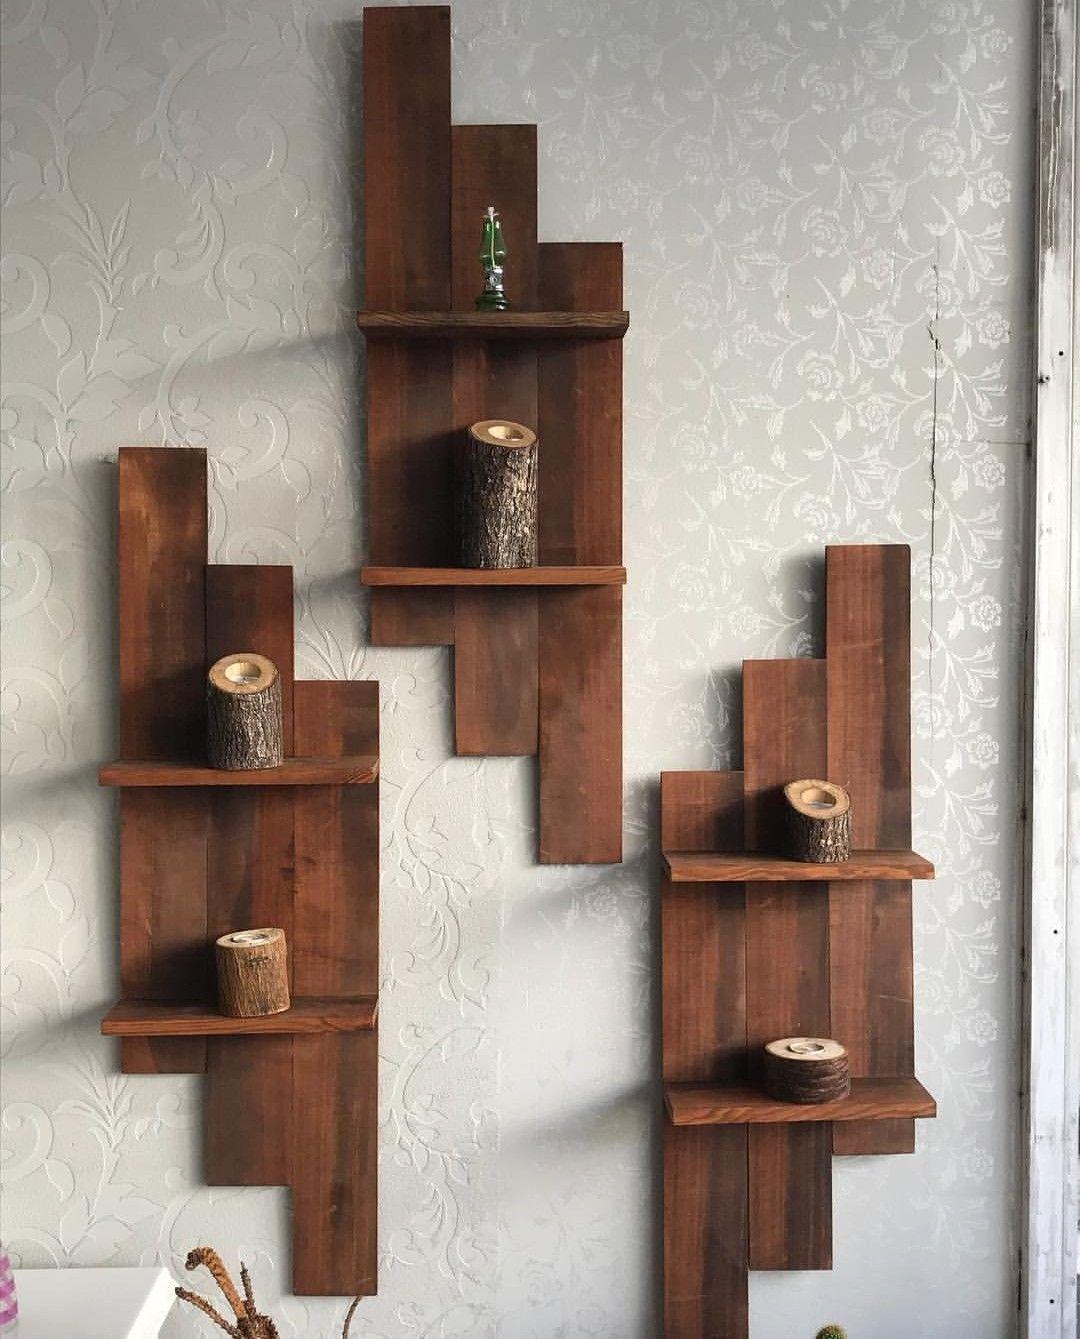 Metalbuildinghouses Wall Shelves Design Diy Wall Shelves